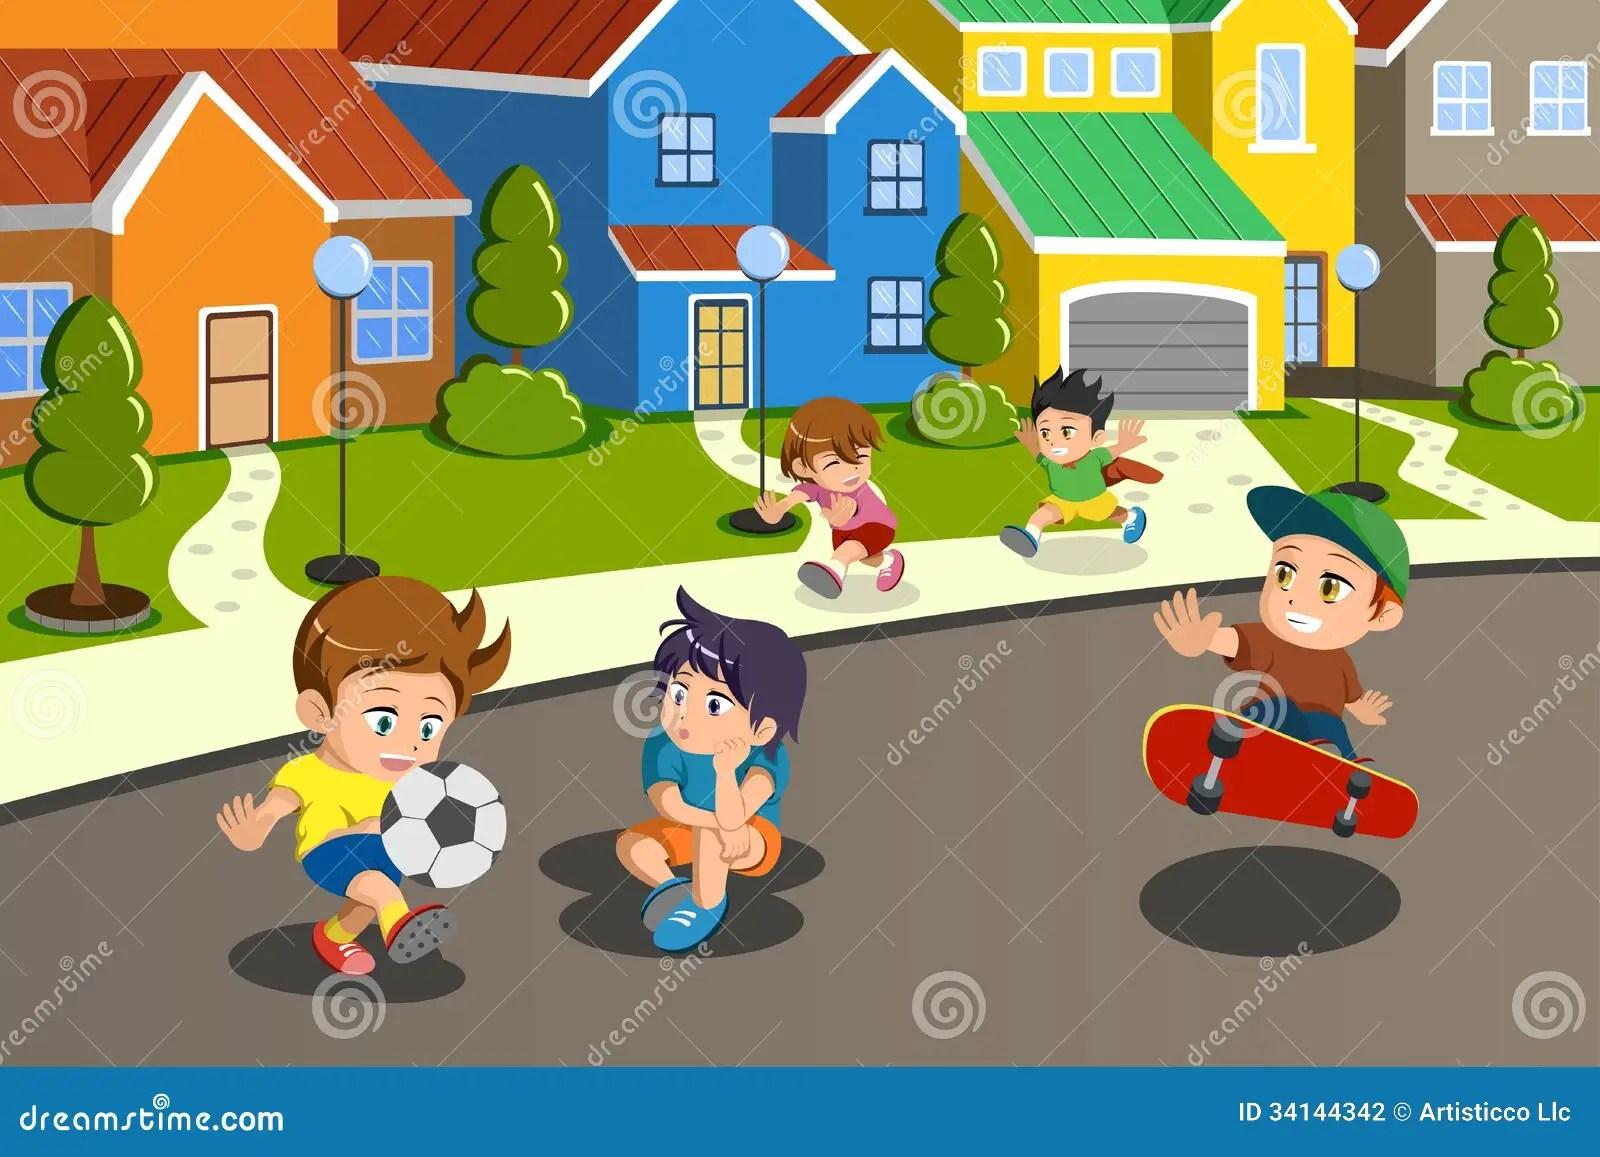 Ninos Que Juegan En La Calle De Una Vecindad Suburbana